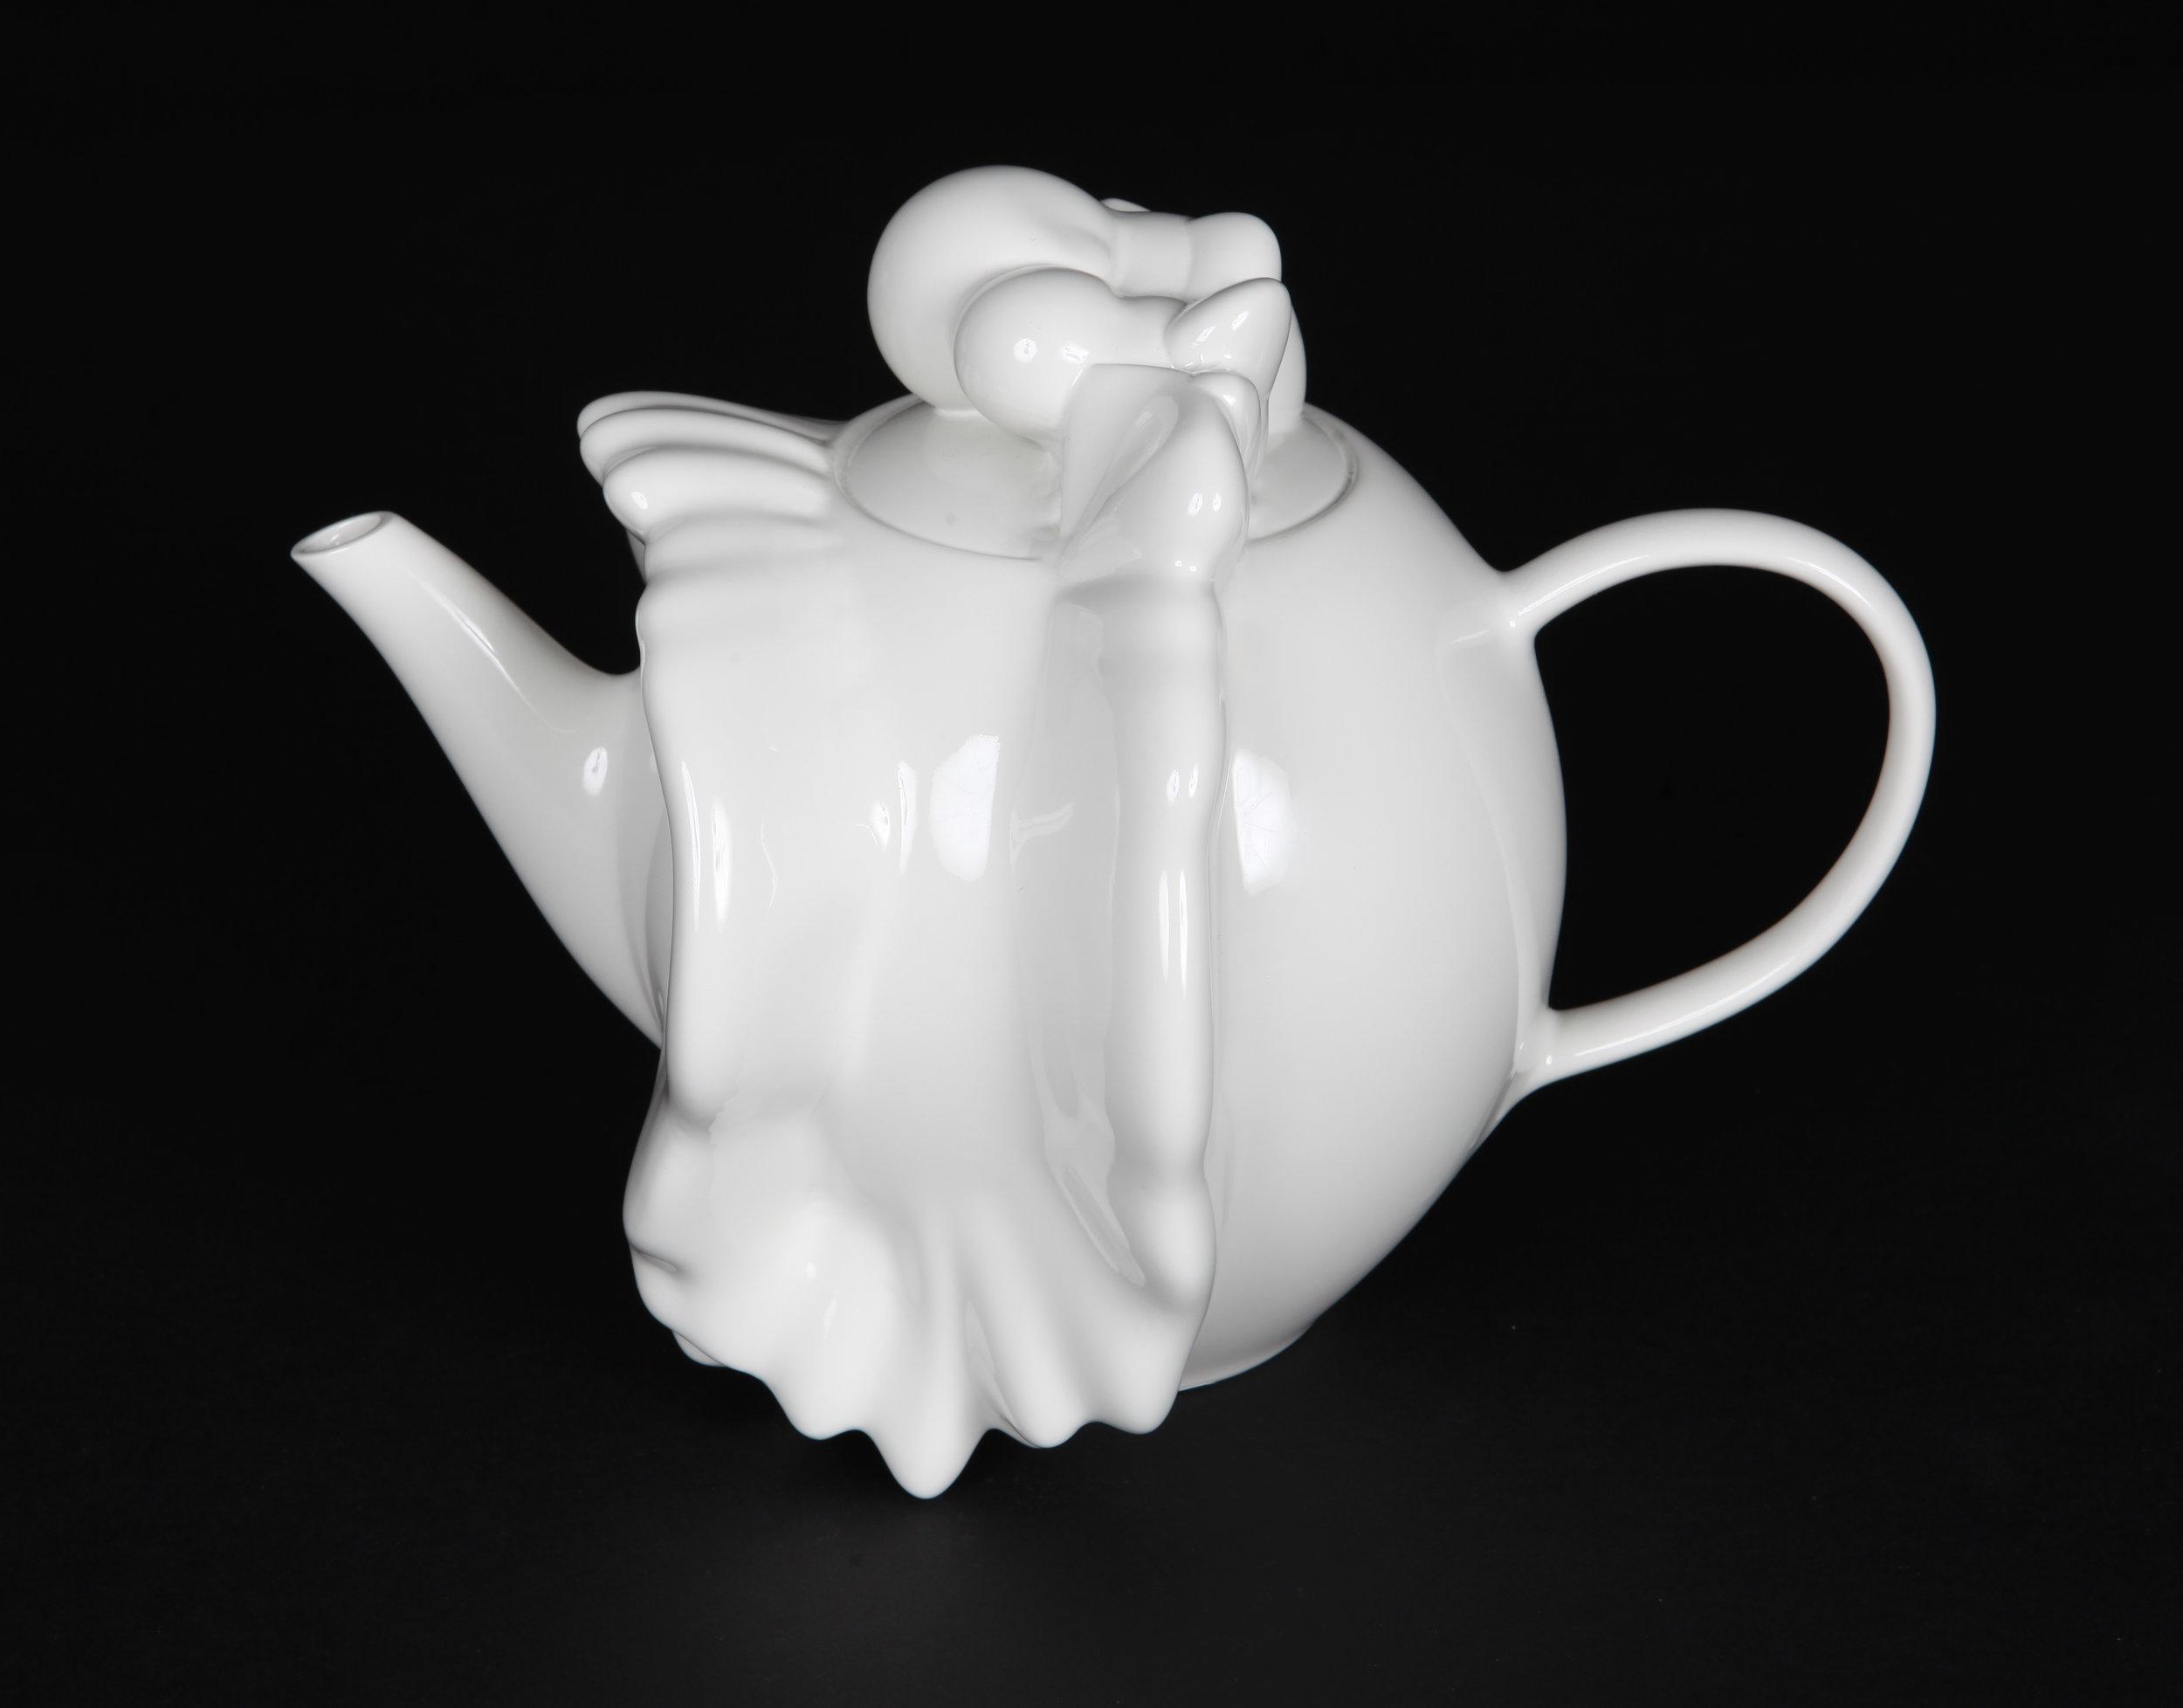 CROSSFIRE_teapot©StuartJohnstone.jpg